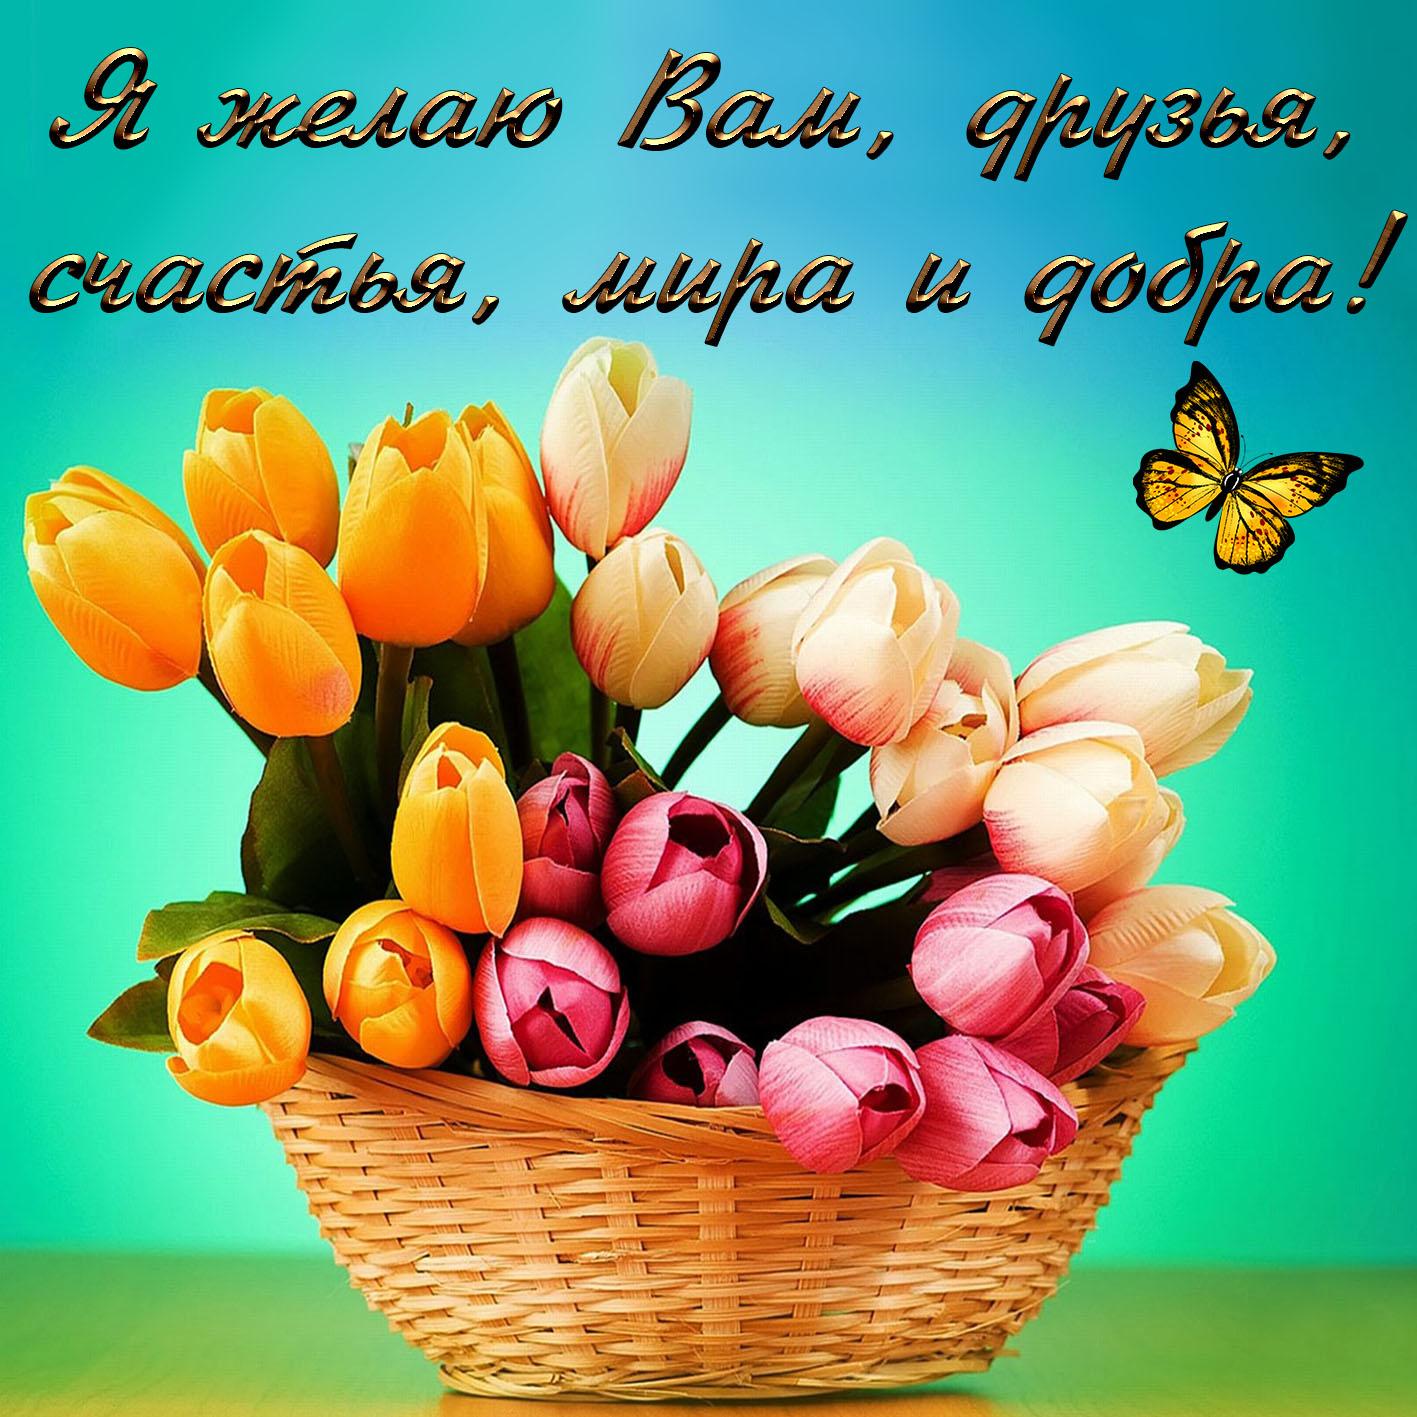 поздравление с днем рождения с пожеланиями добра и мира